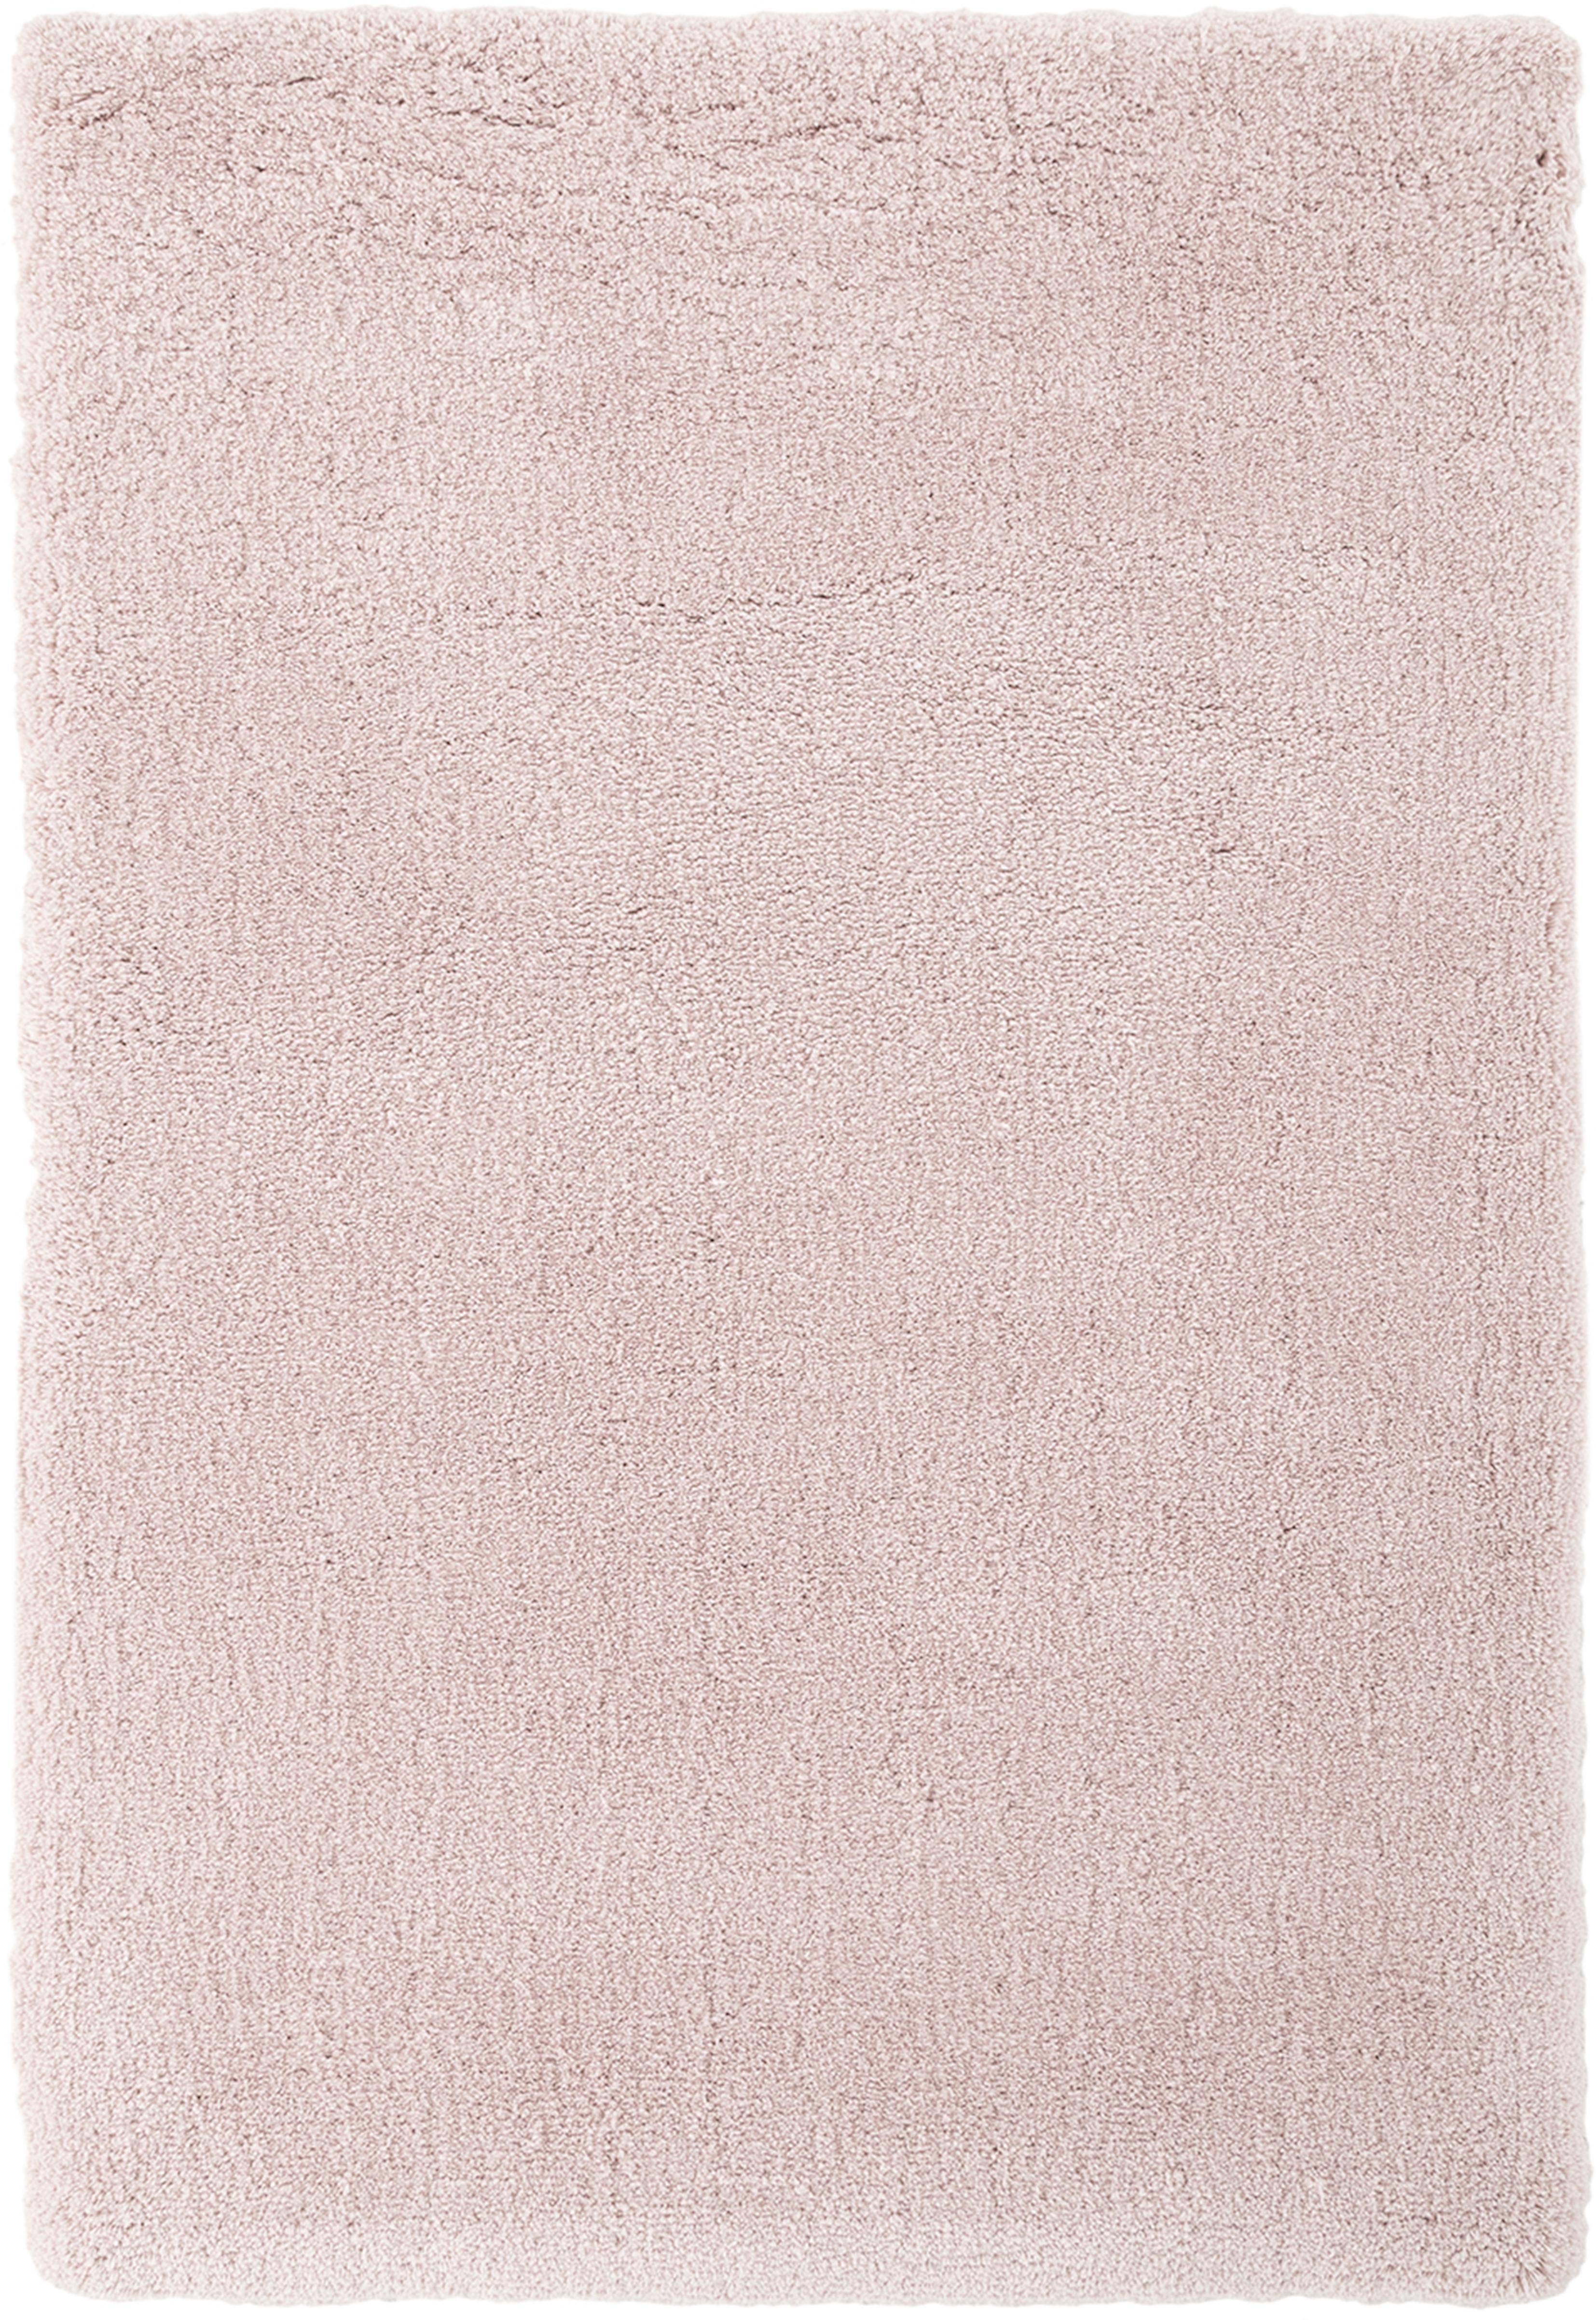 Pluizig hoogpolig vloerkleed Leighton in roze, Bovenzijde: 100% polyester (microveze, Onderzijde: 70% polyester, 30% katoen, Roze, B 160 x L 230 cm (maat M)